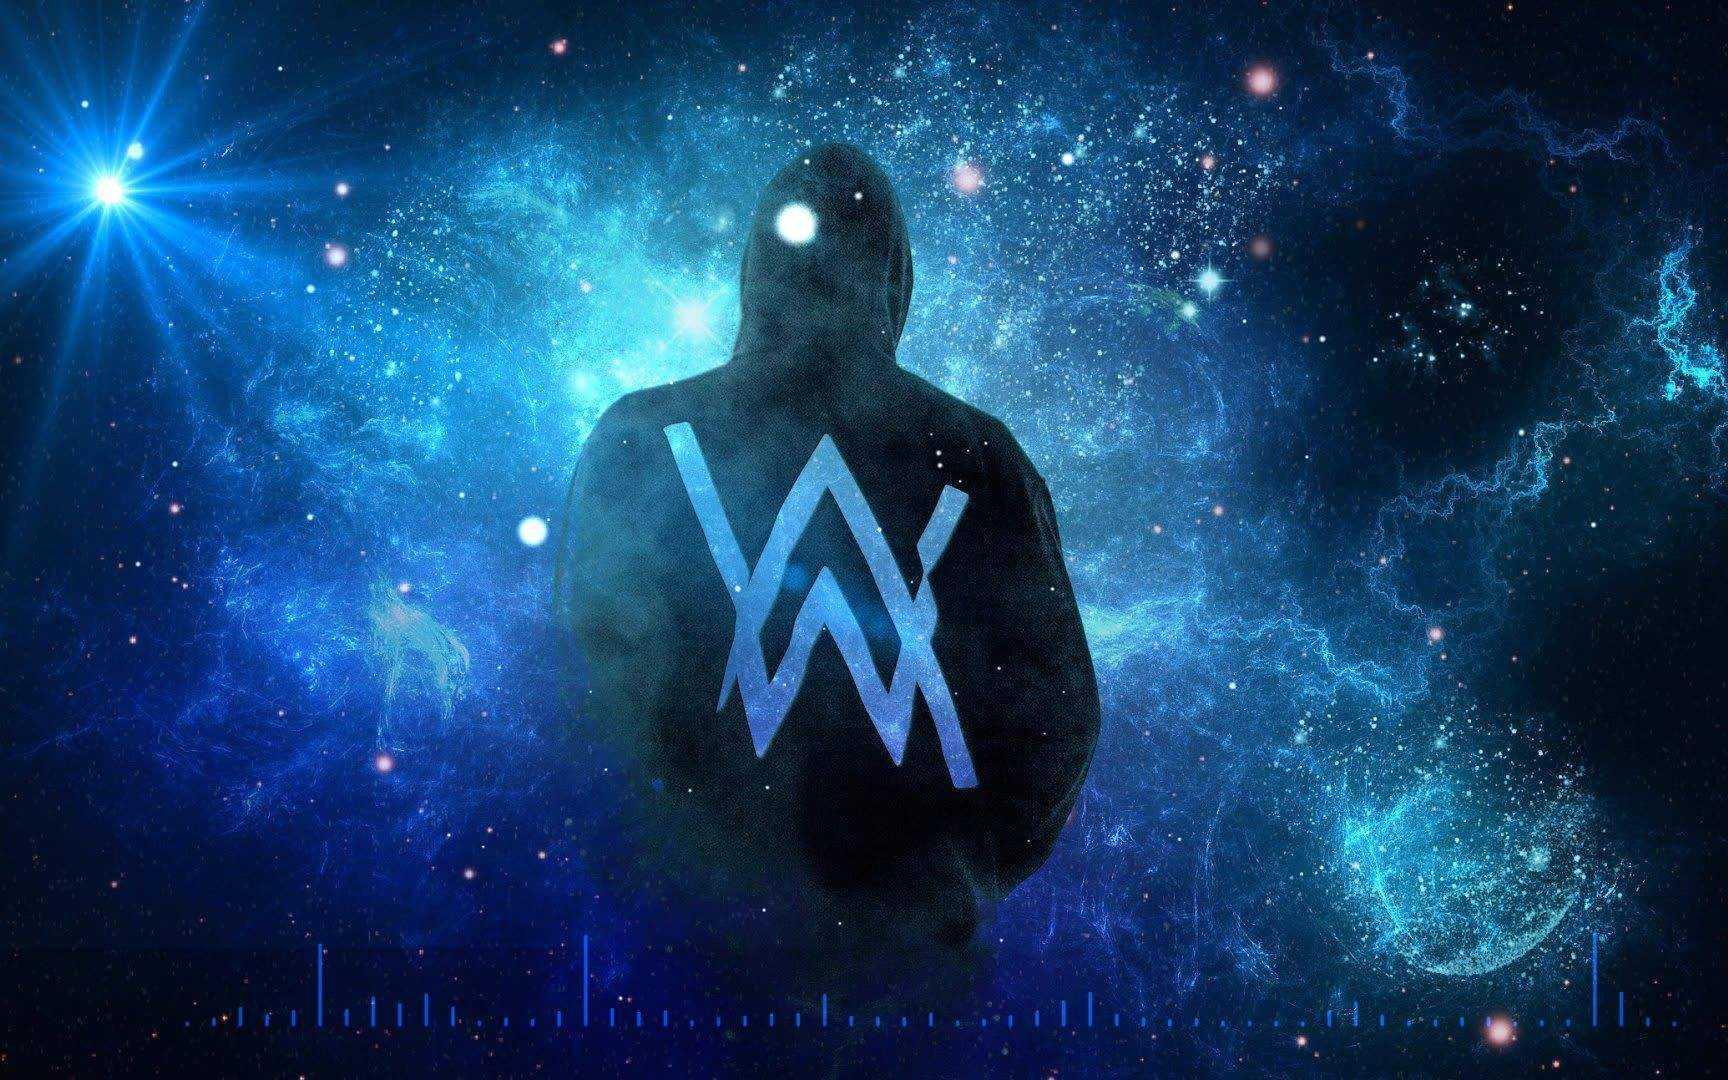 Alan Walker - 专栏文章 - 网易云音乐